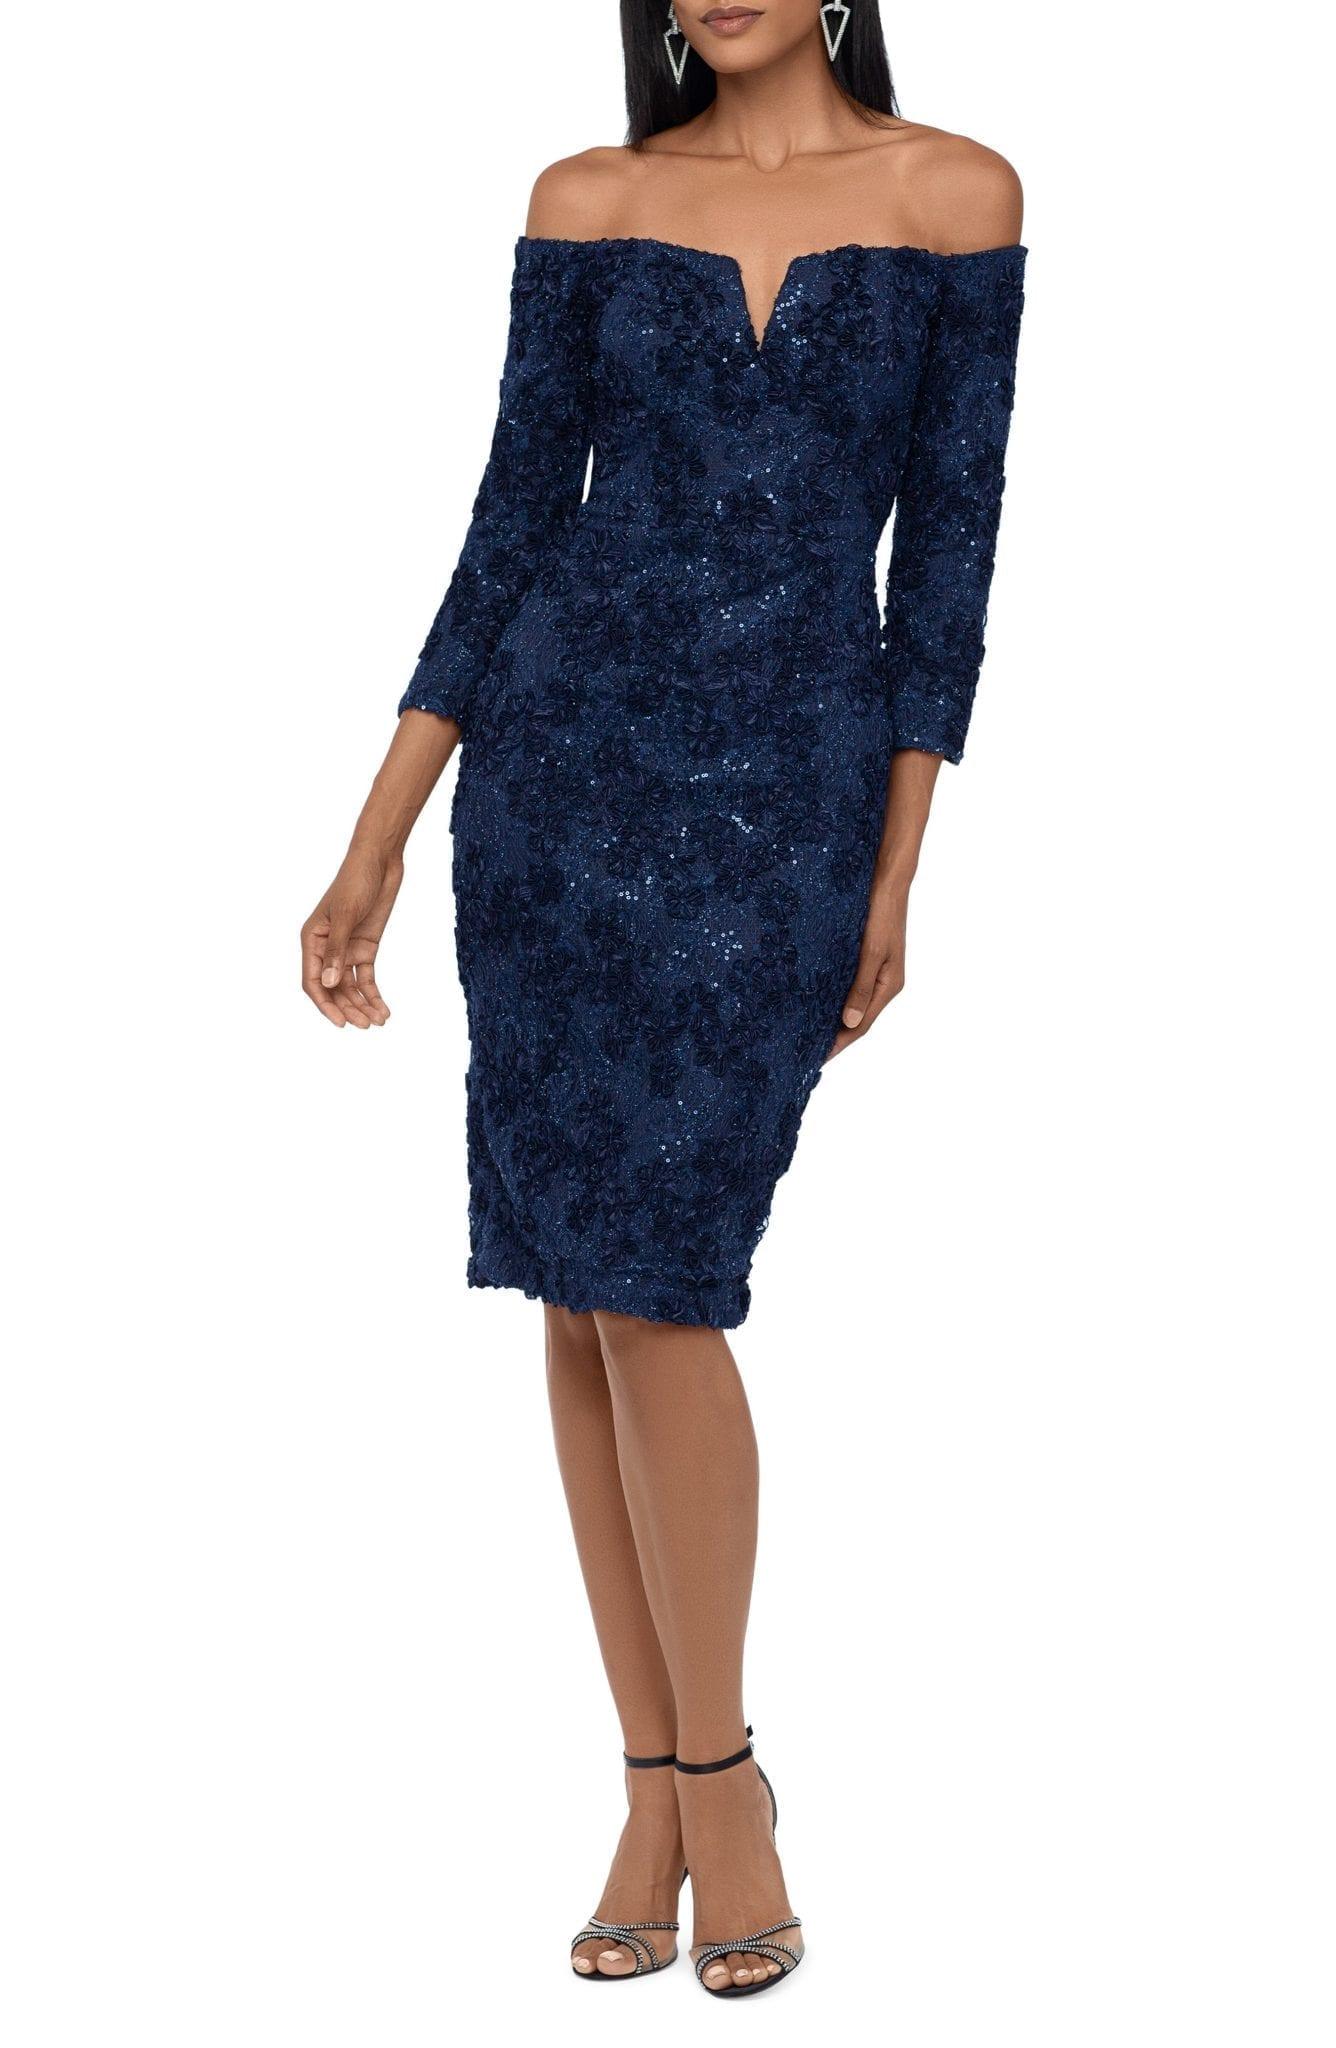 XSCAPE Sequin Lace Off the Shoulder Cocktail Dress